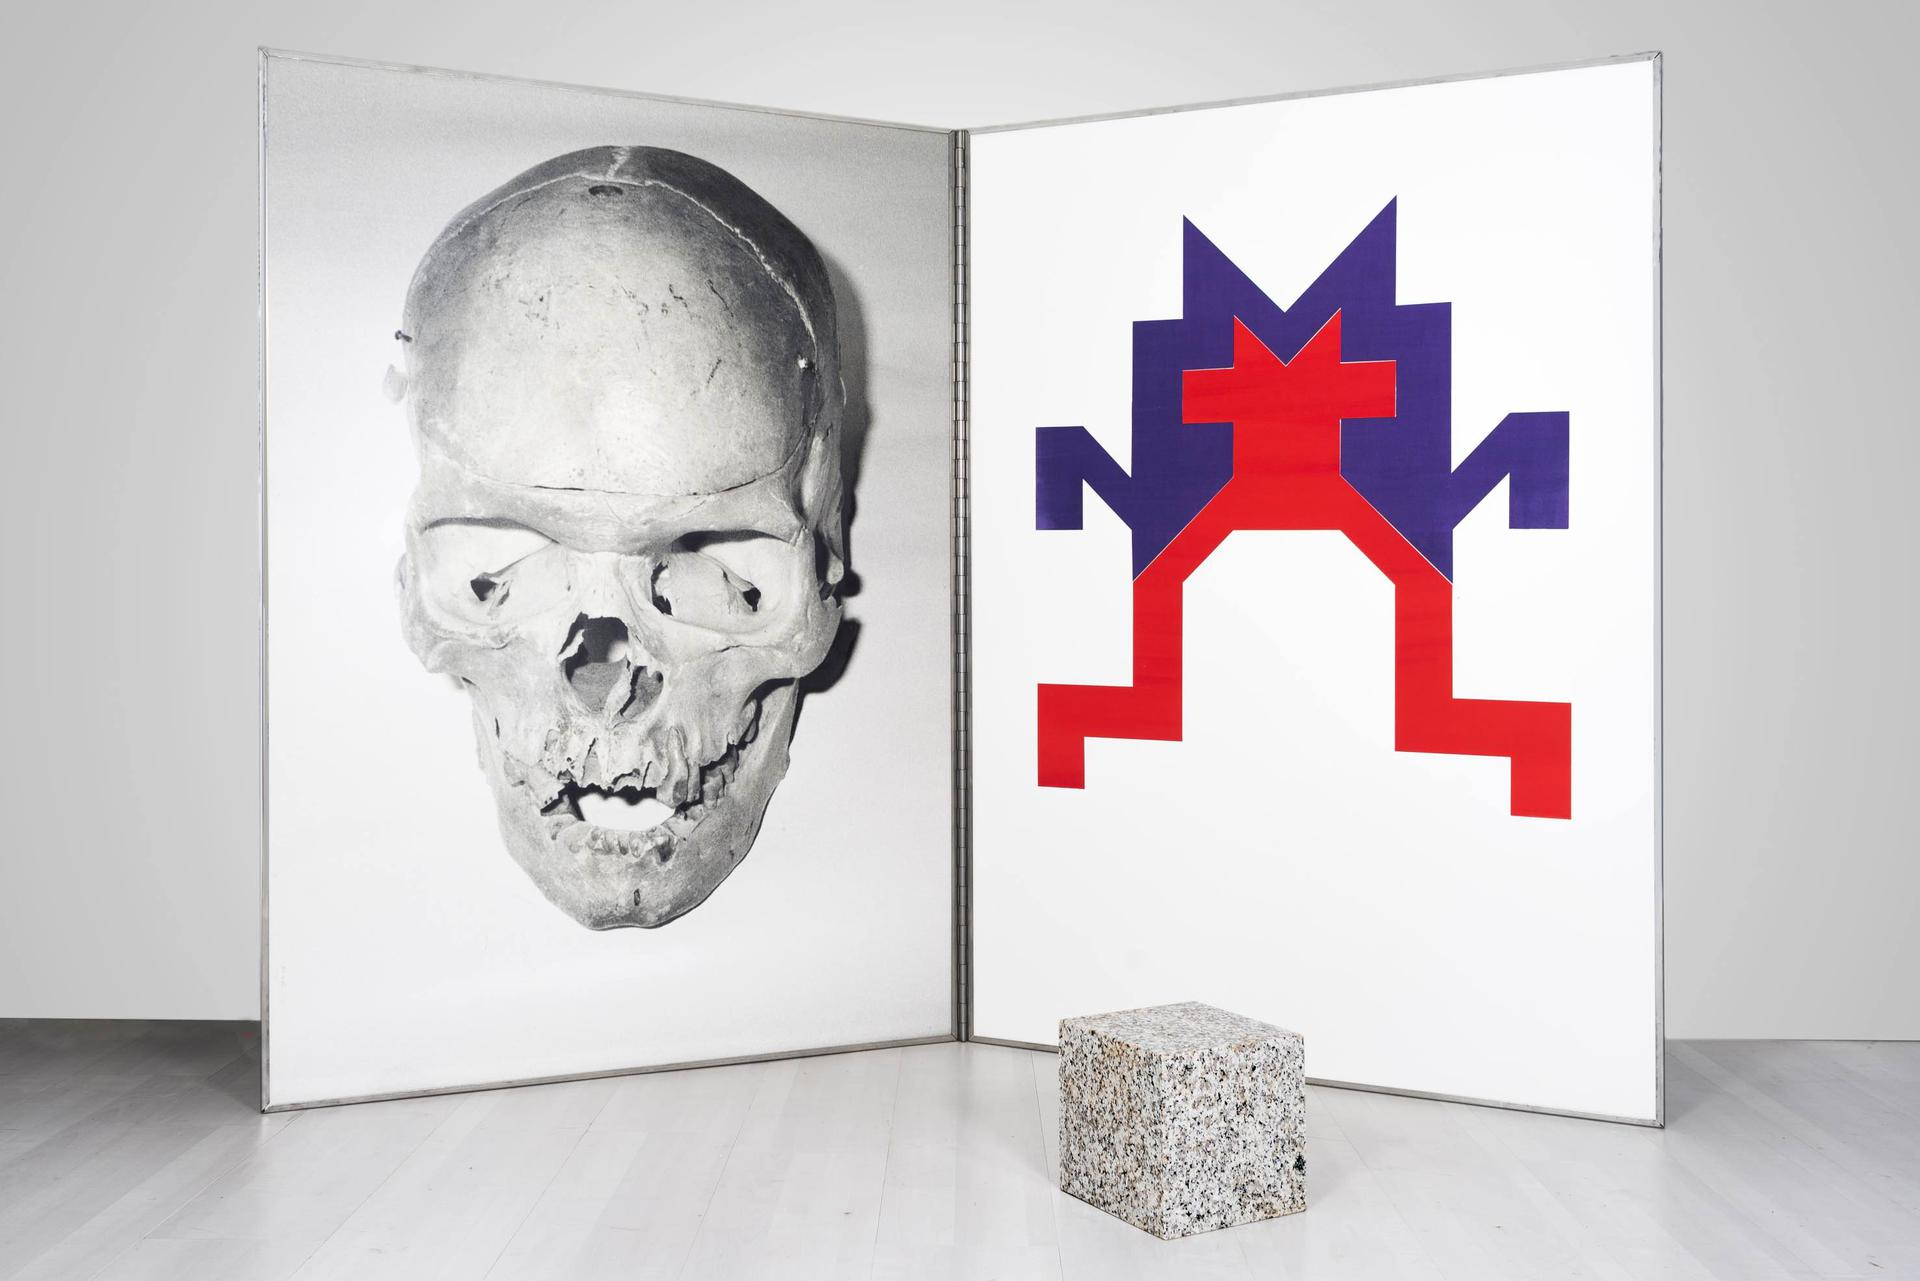 Sacro e memento mori, la mostra di Fausta Squatriti in San Bernardino alle Ossa a Milano